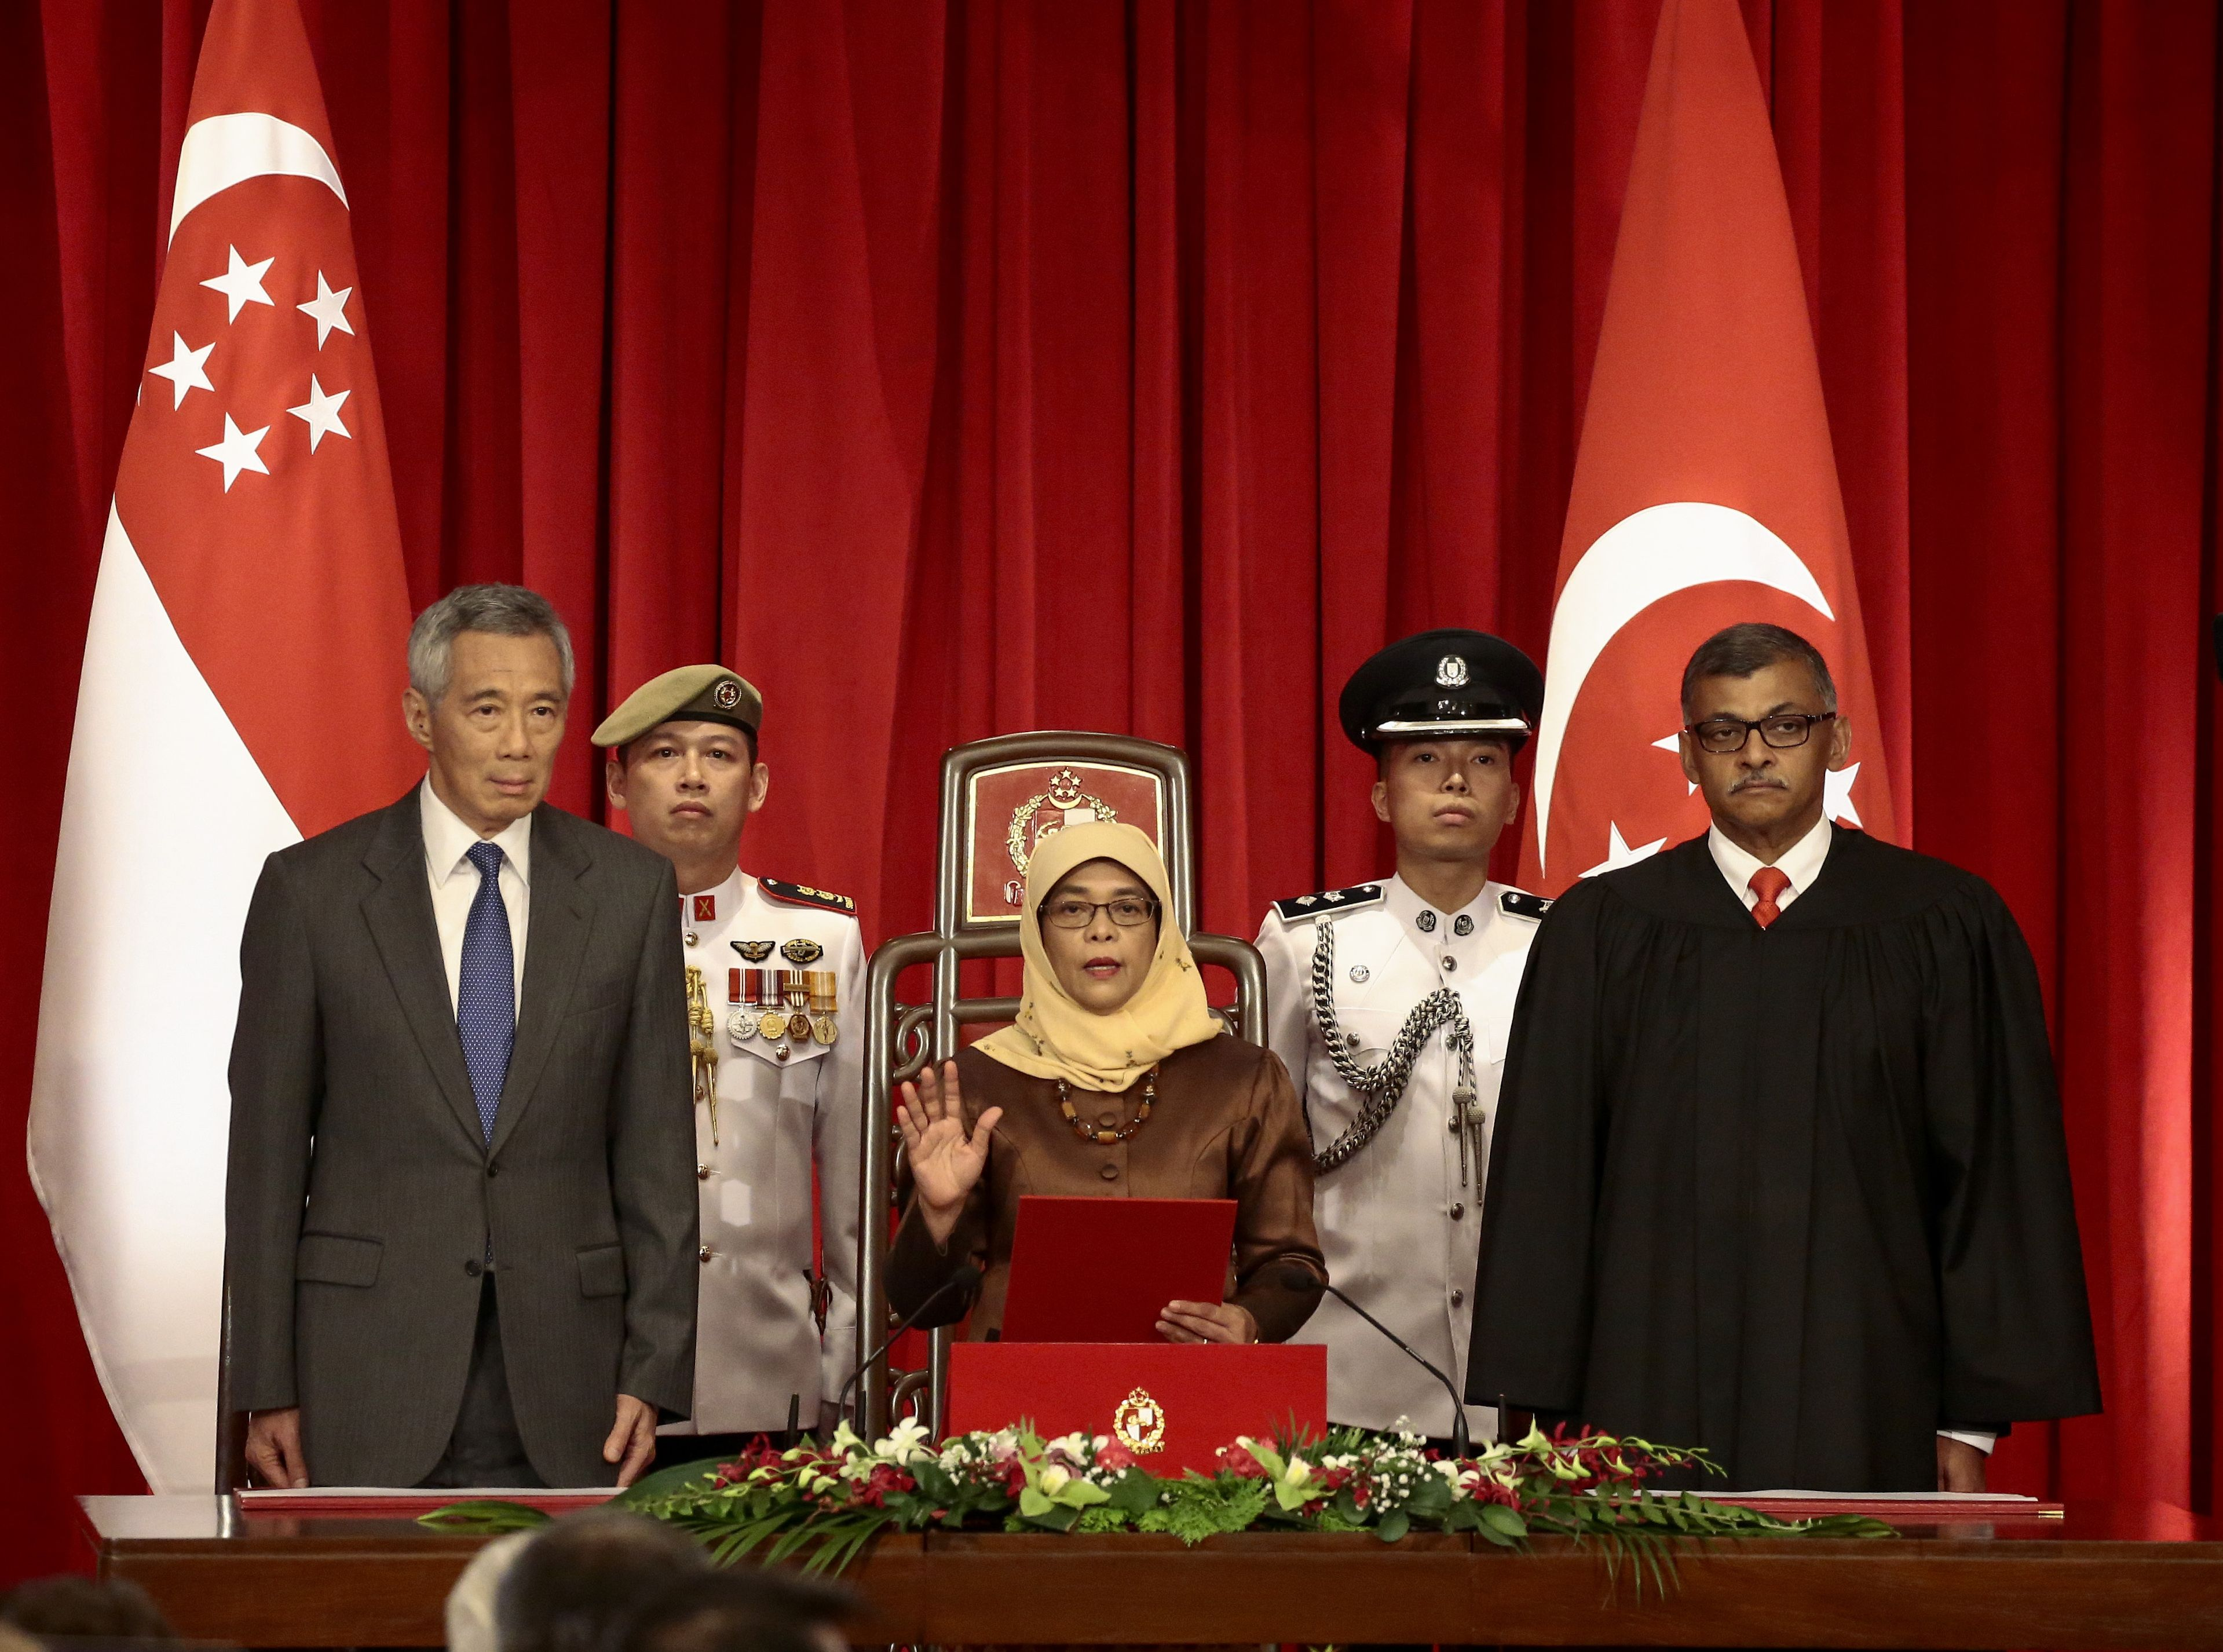 1215308-مراسم-تنصيب-أول-امرأة-مسلمة-لرئاسة-سنغافورة